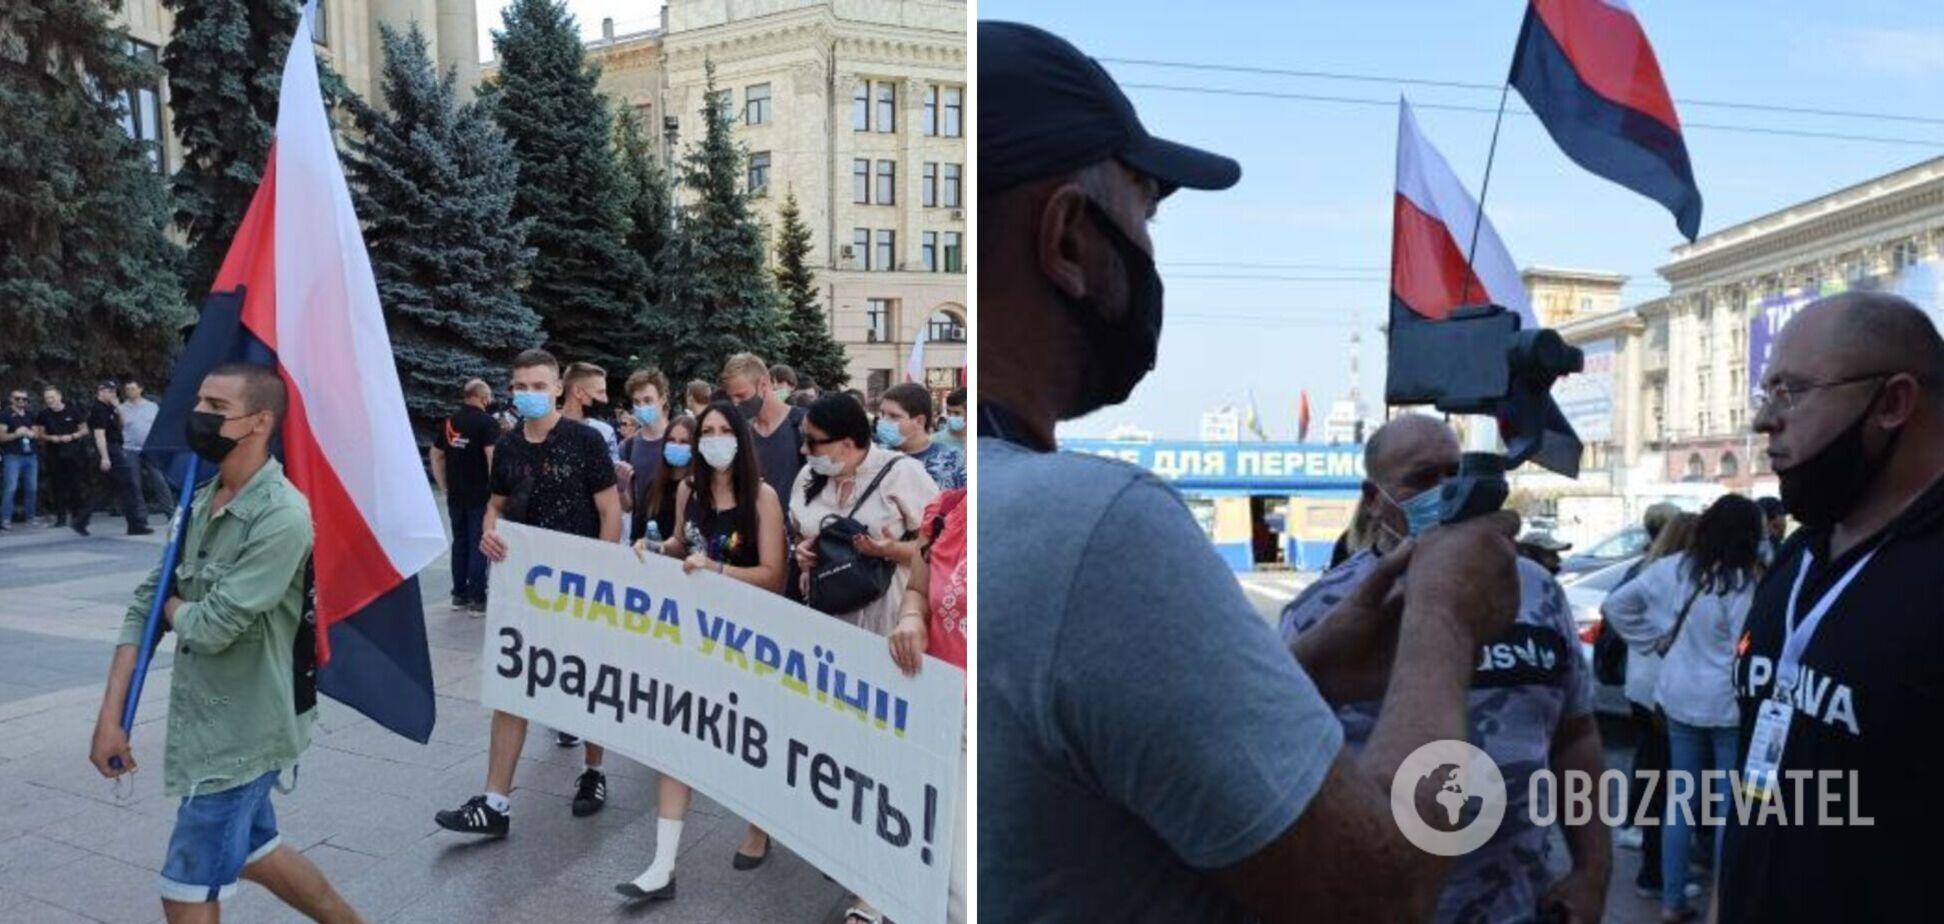 Под стенами ХОГА псевдонационалисты устроили акцию с флагами народа России. Фото